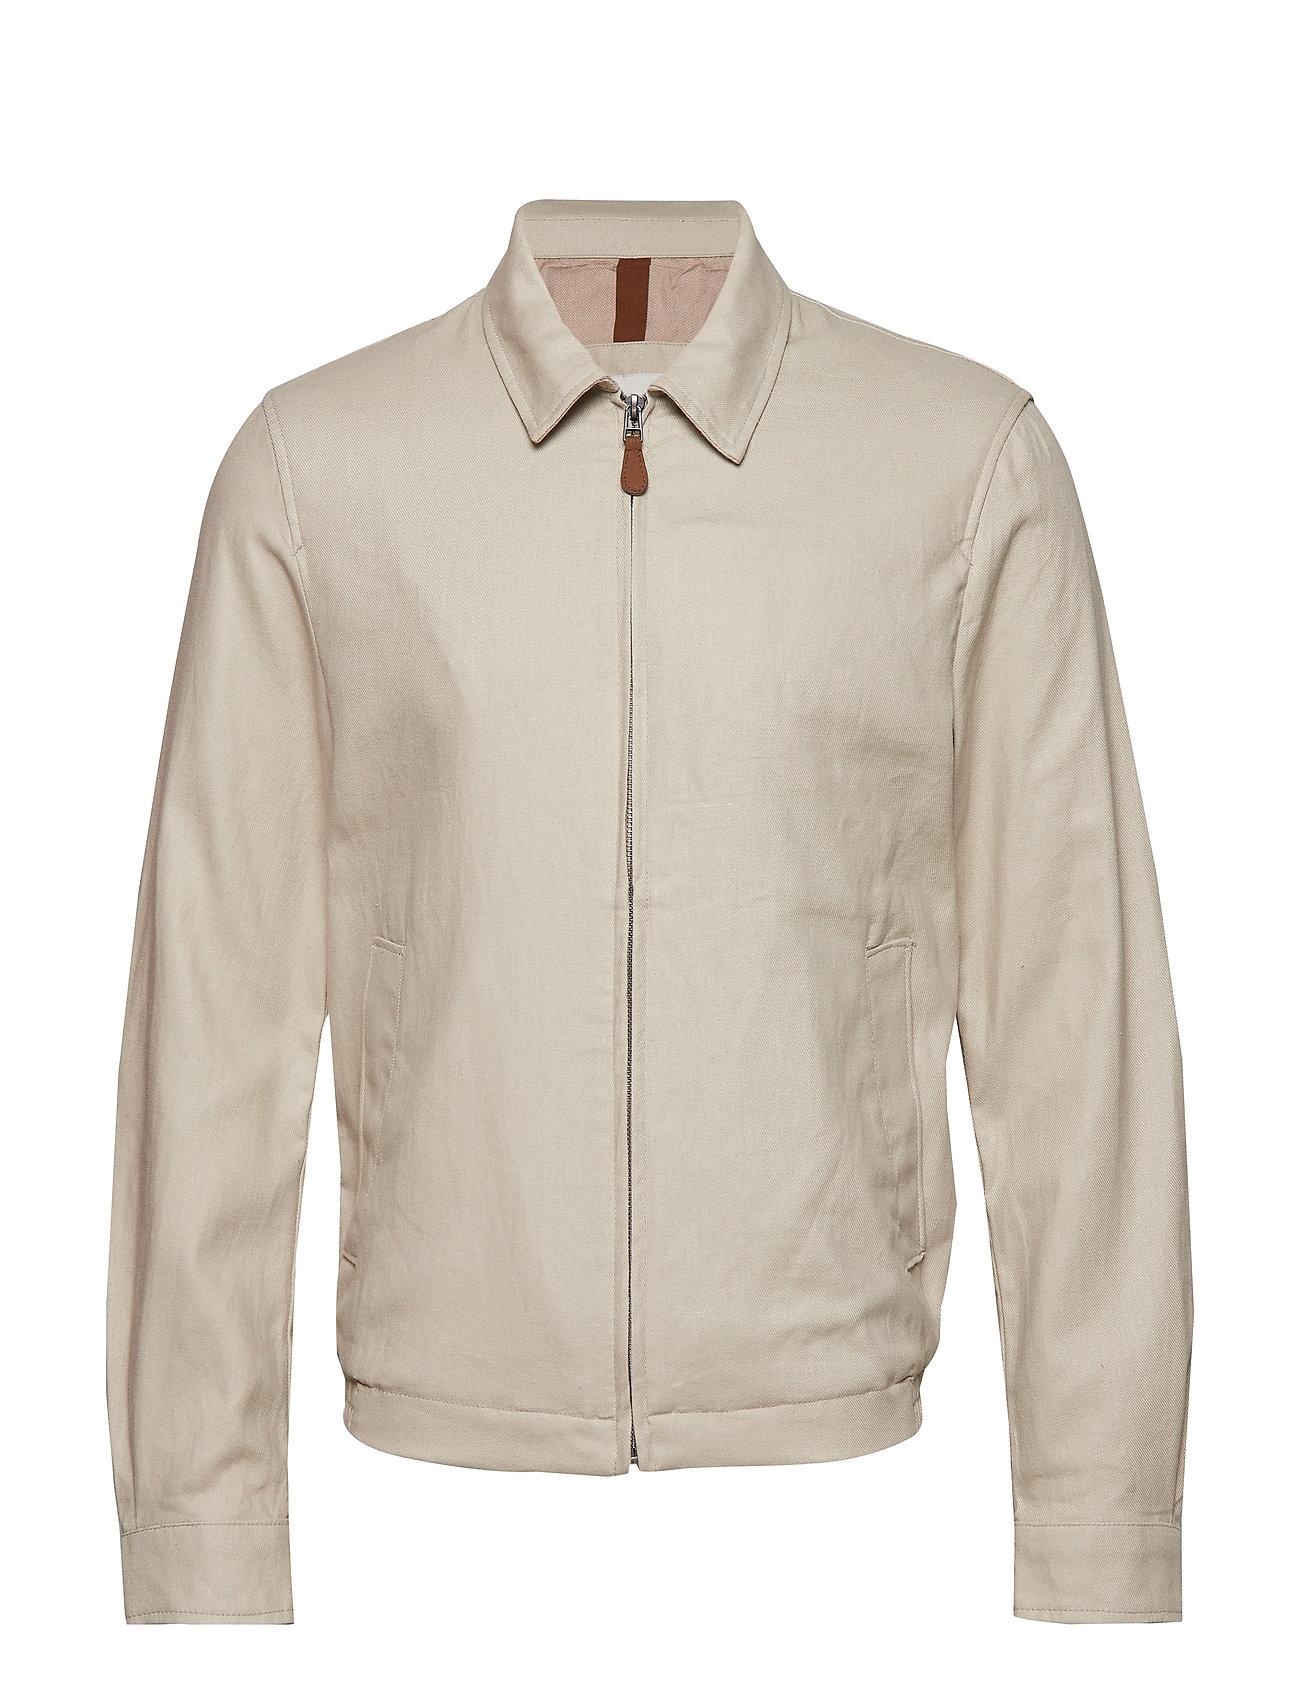 Mango Man Zipper linen cotton jacket - LIGHT BEIGE